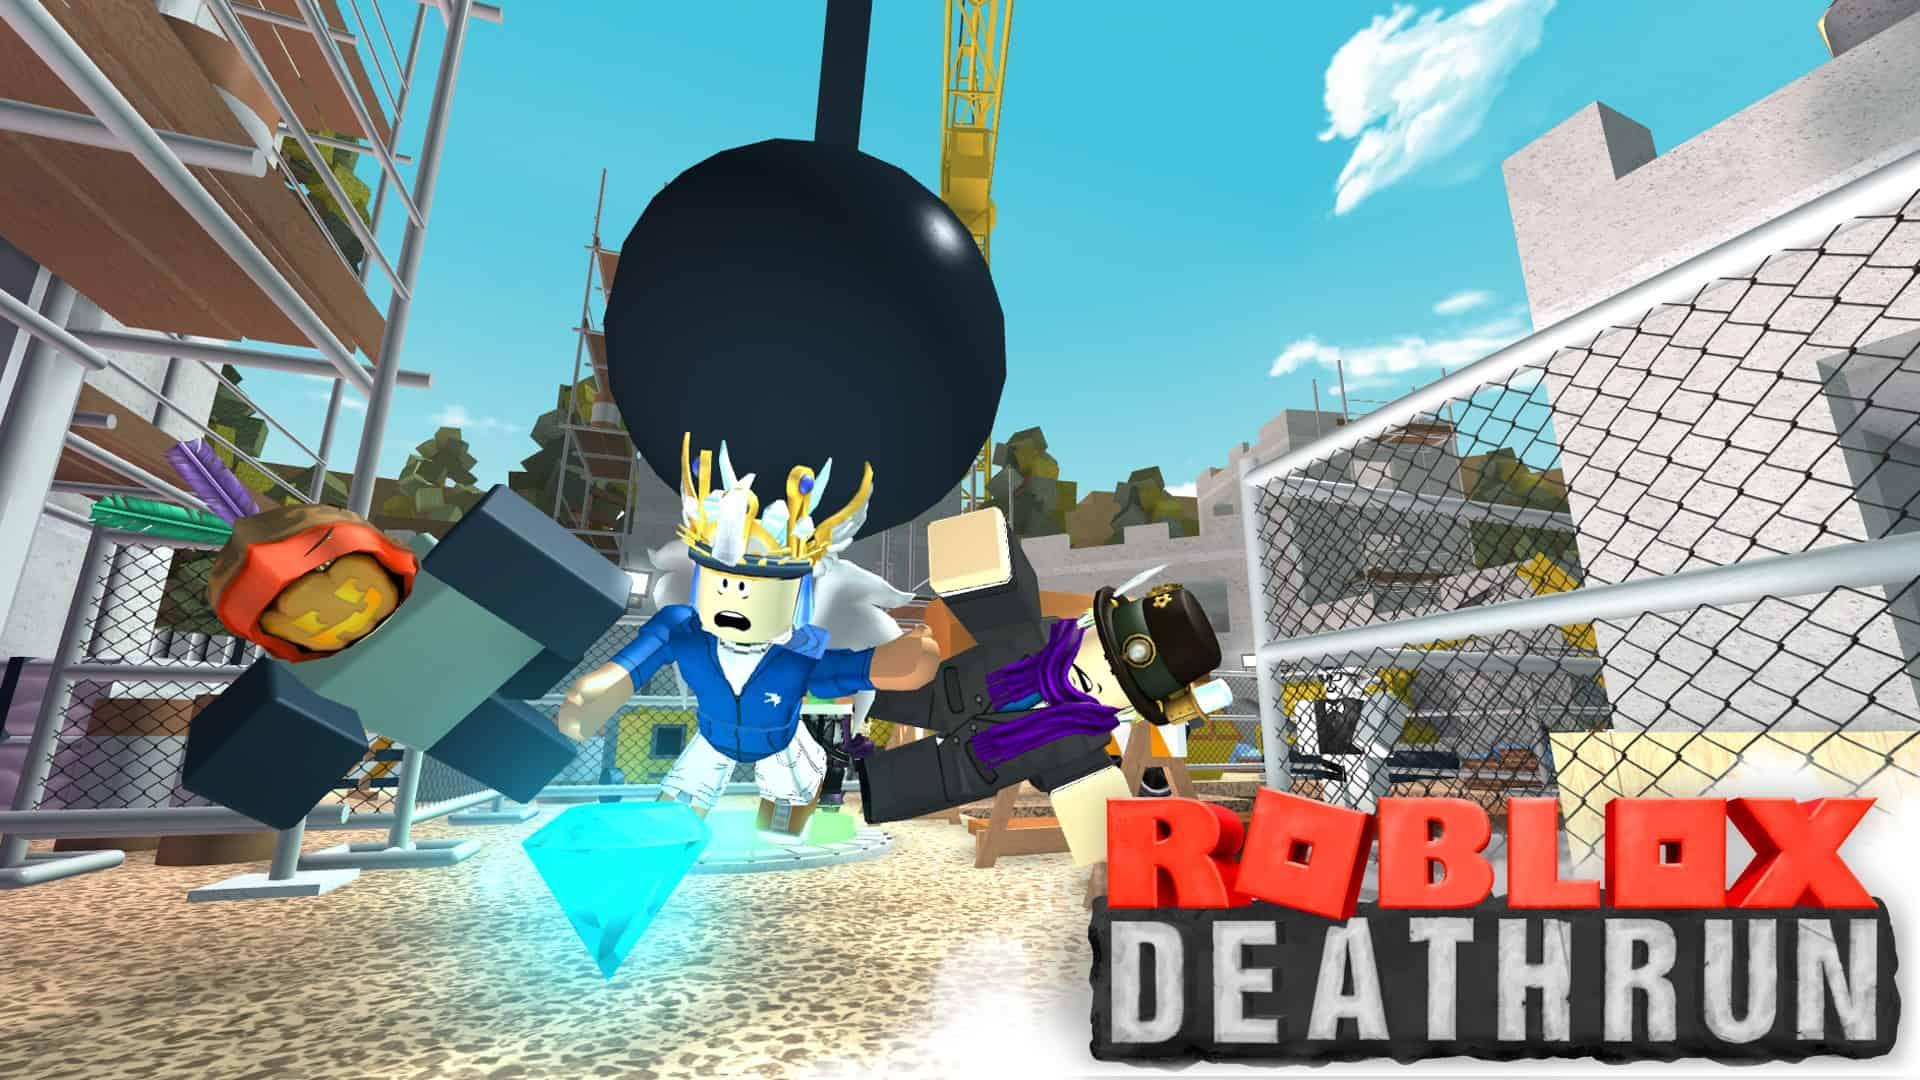 Roblox Deathrun - Lista de Códigos (Marzo 2021)